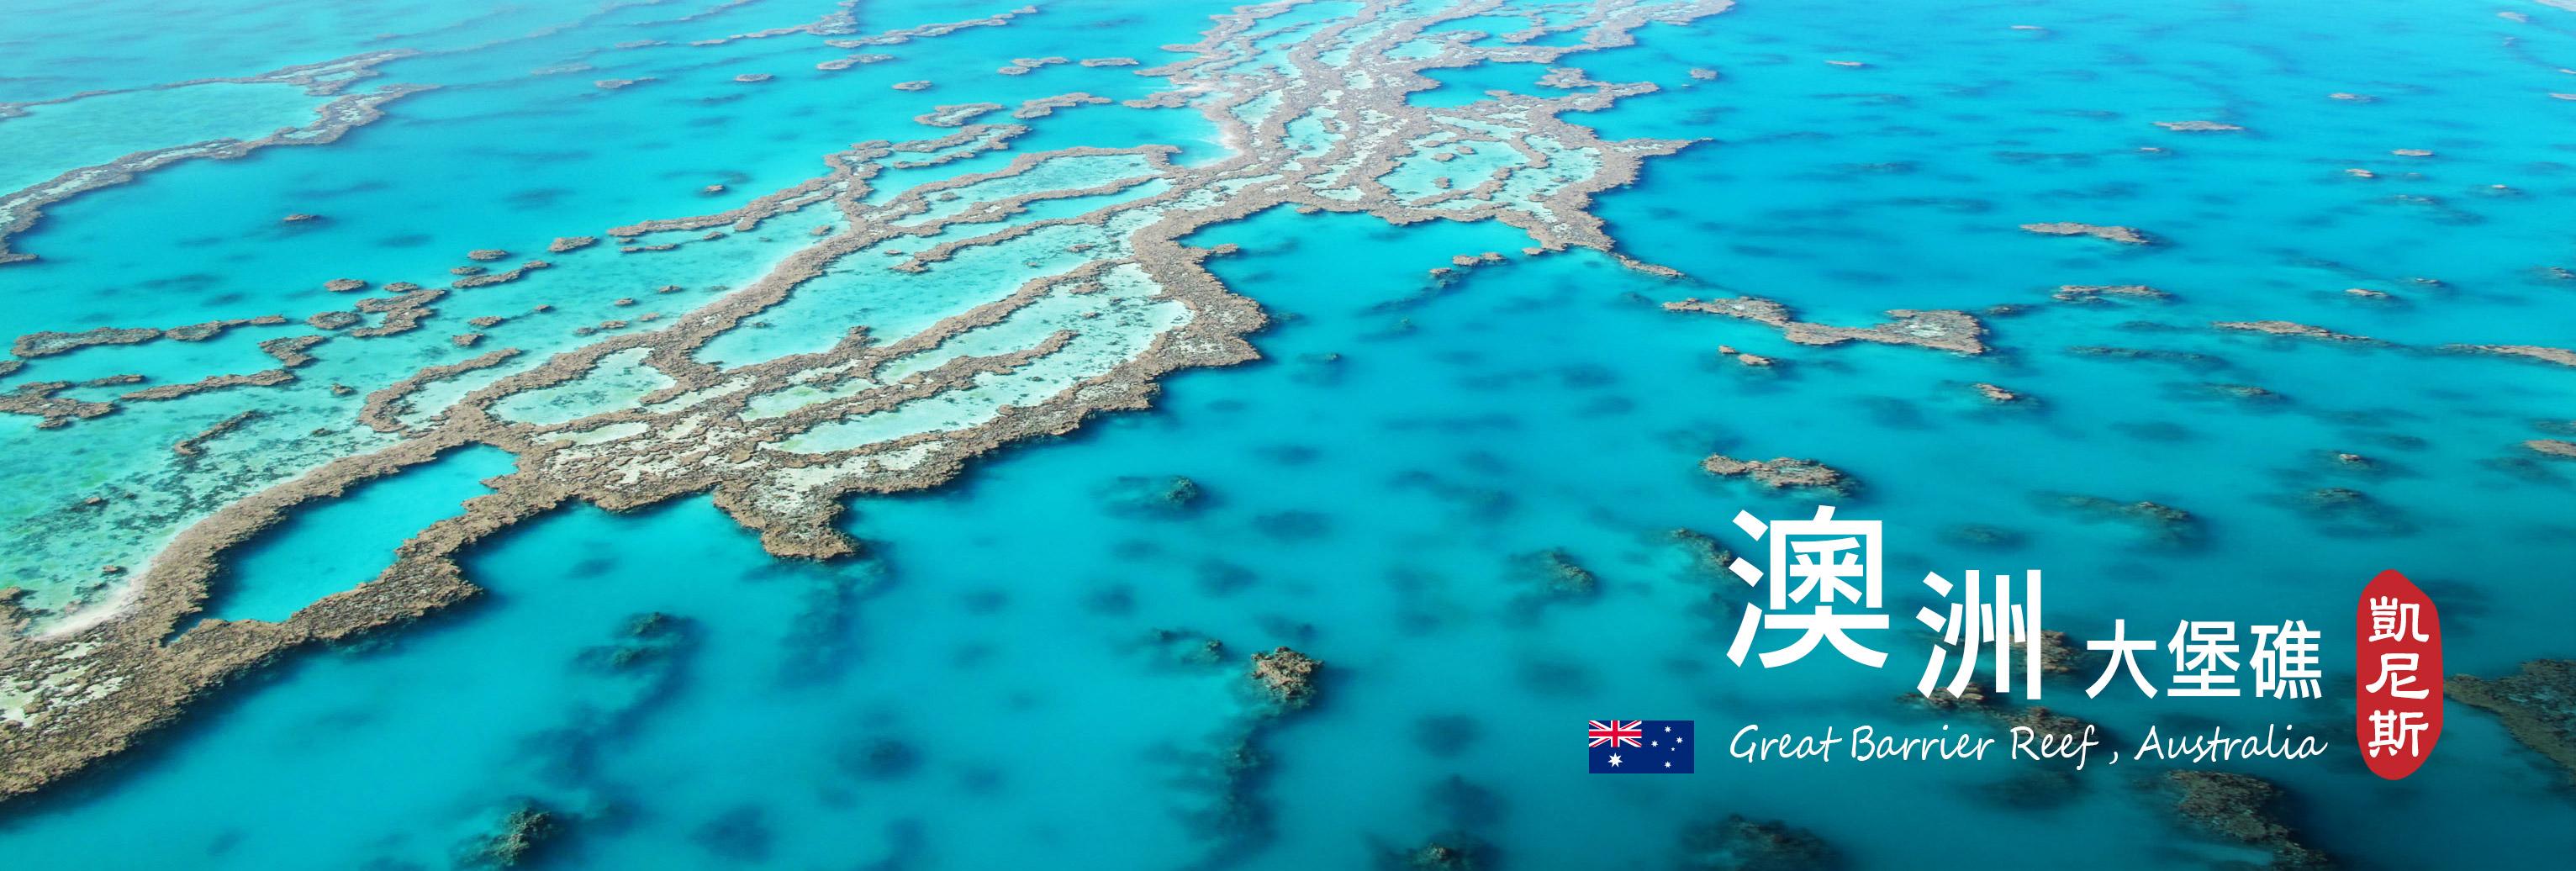 澳洲旅游推荐,澳洲旅游签证